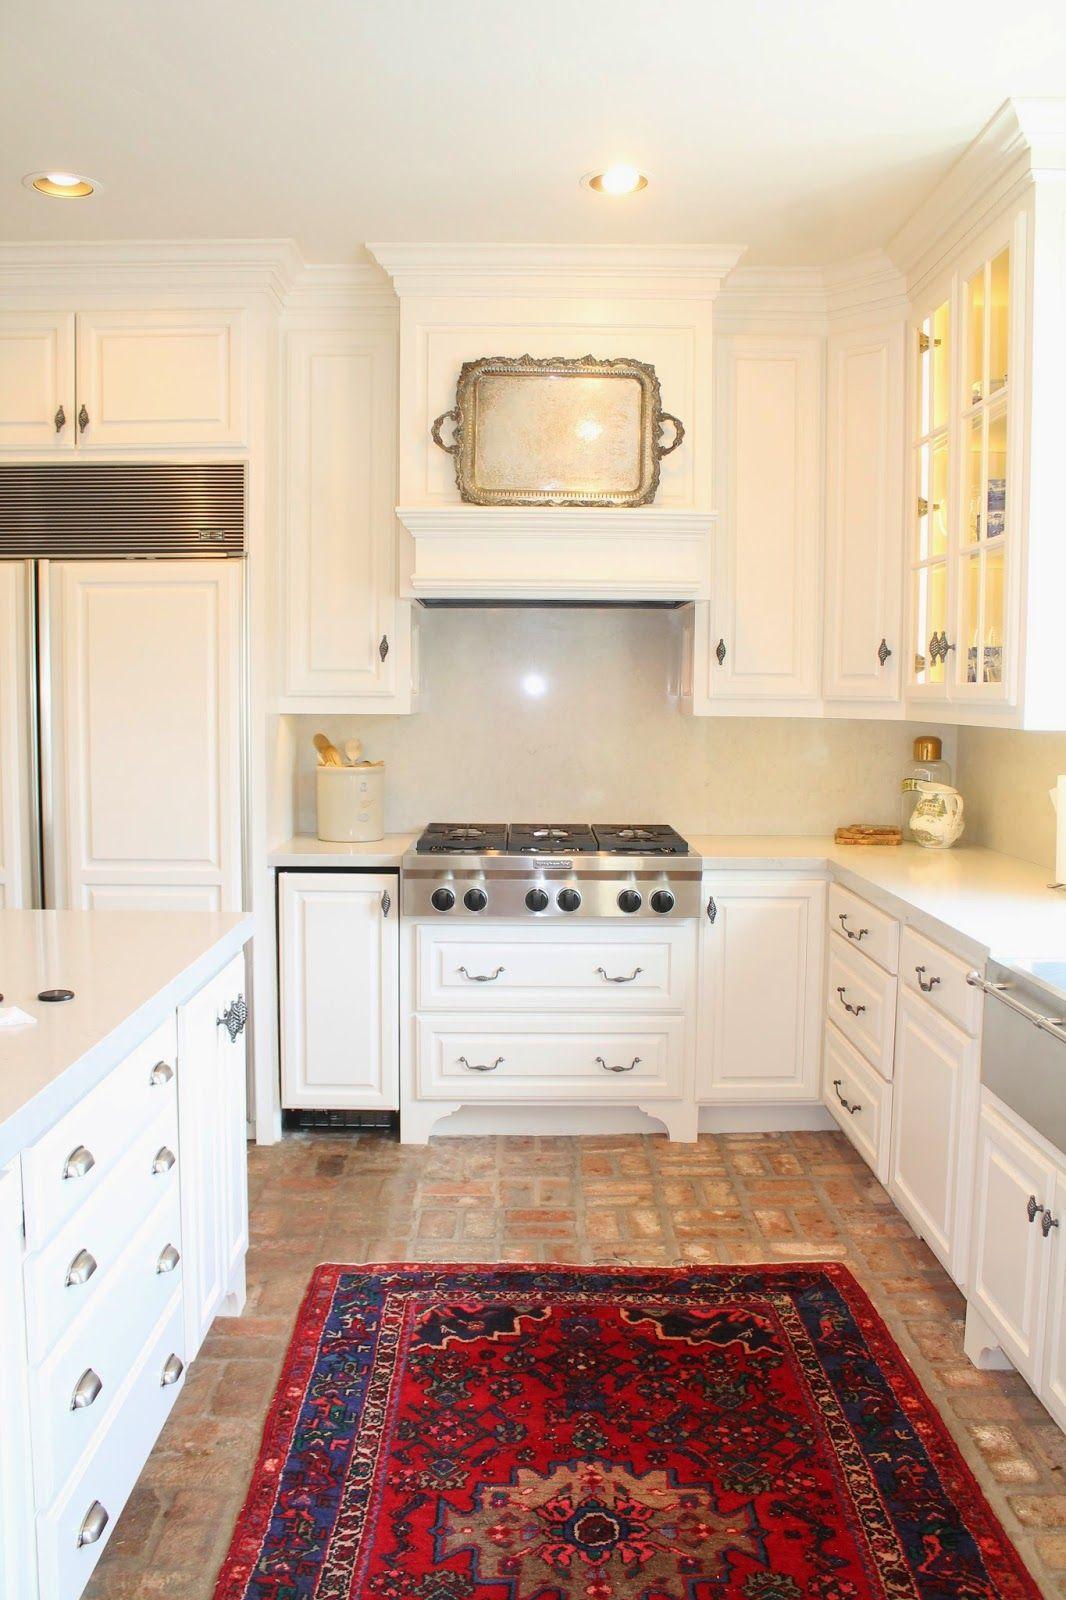 range and custom range hood, paneled fridge | | KITCH-inspiration ...